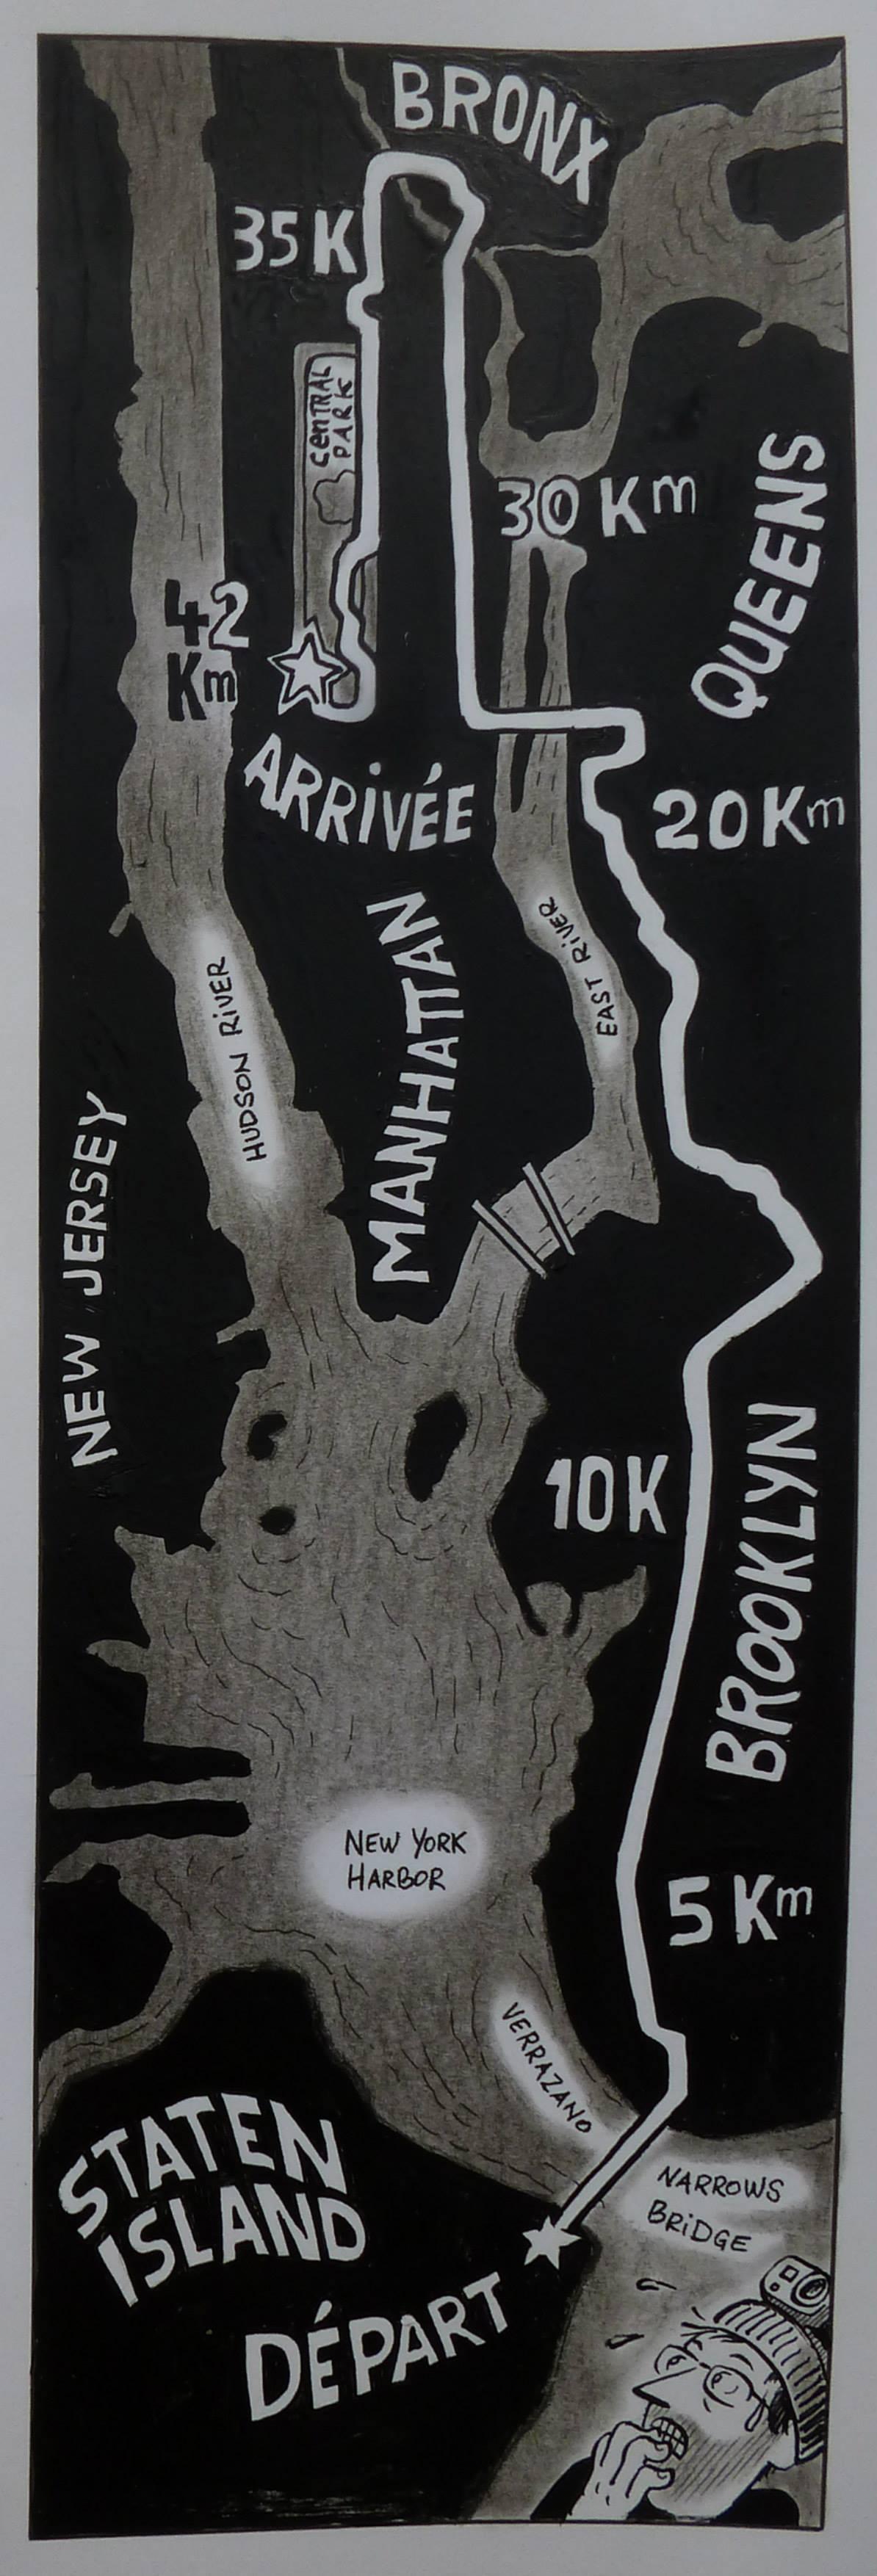 le-marathon-de-new-york-a-la-petite-semelle-sebastien-samson-parcours